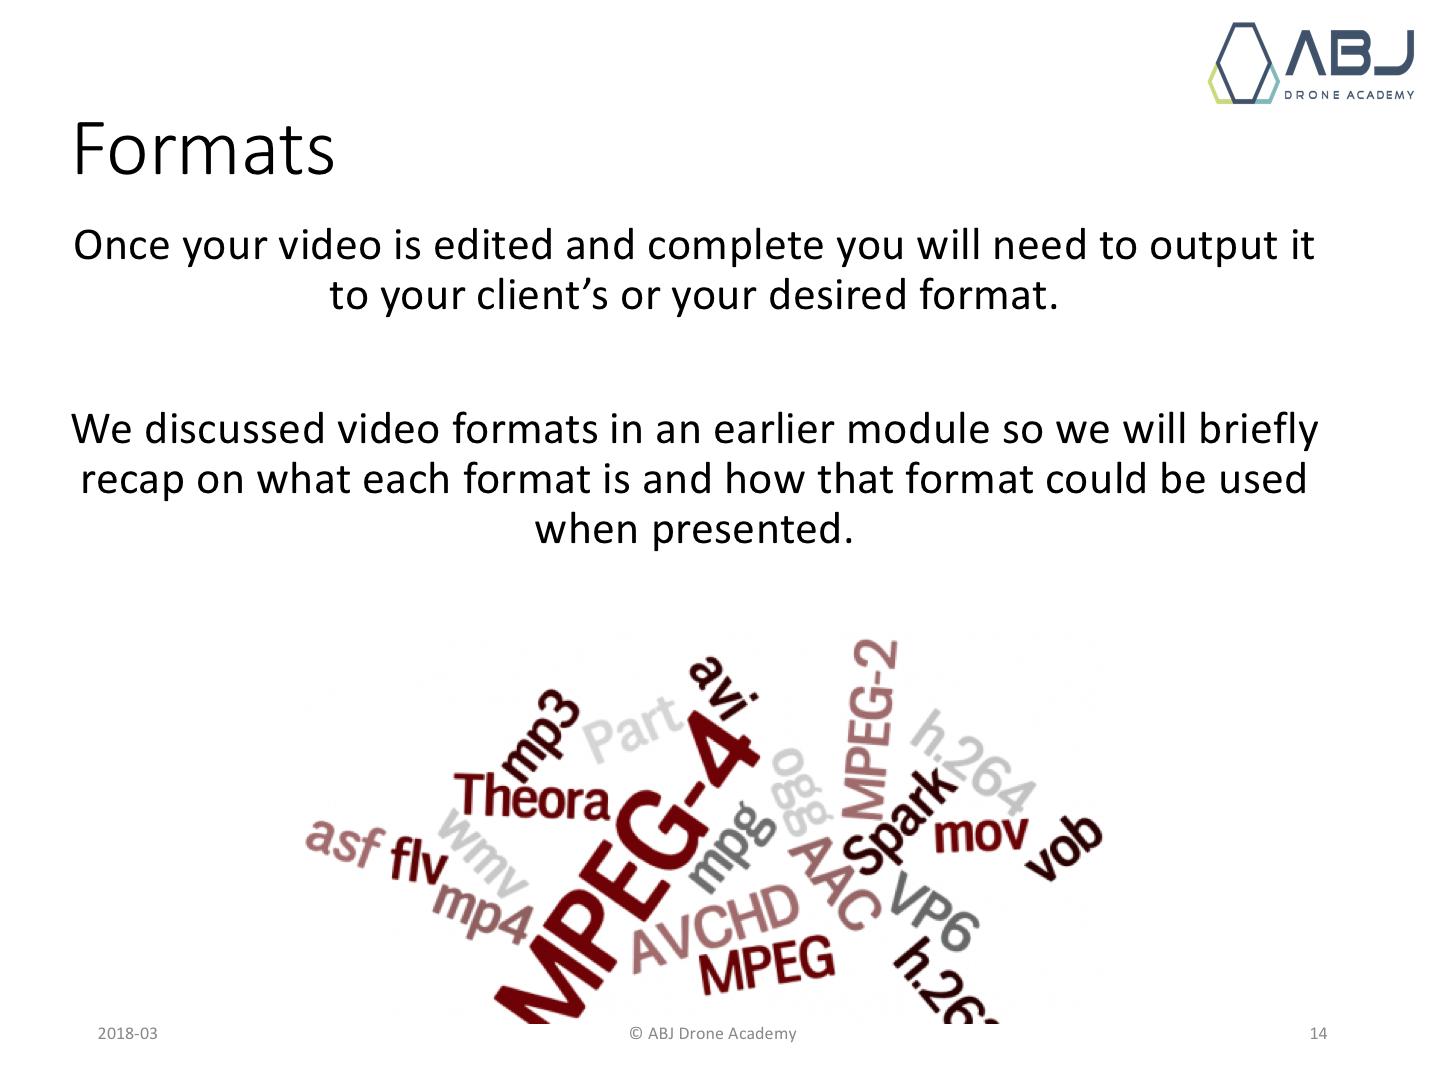 Understanding formats